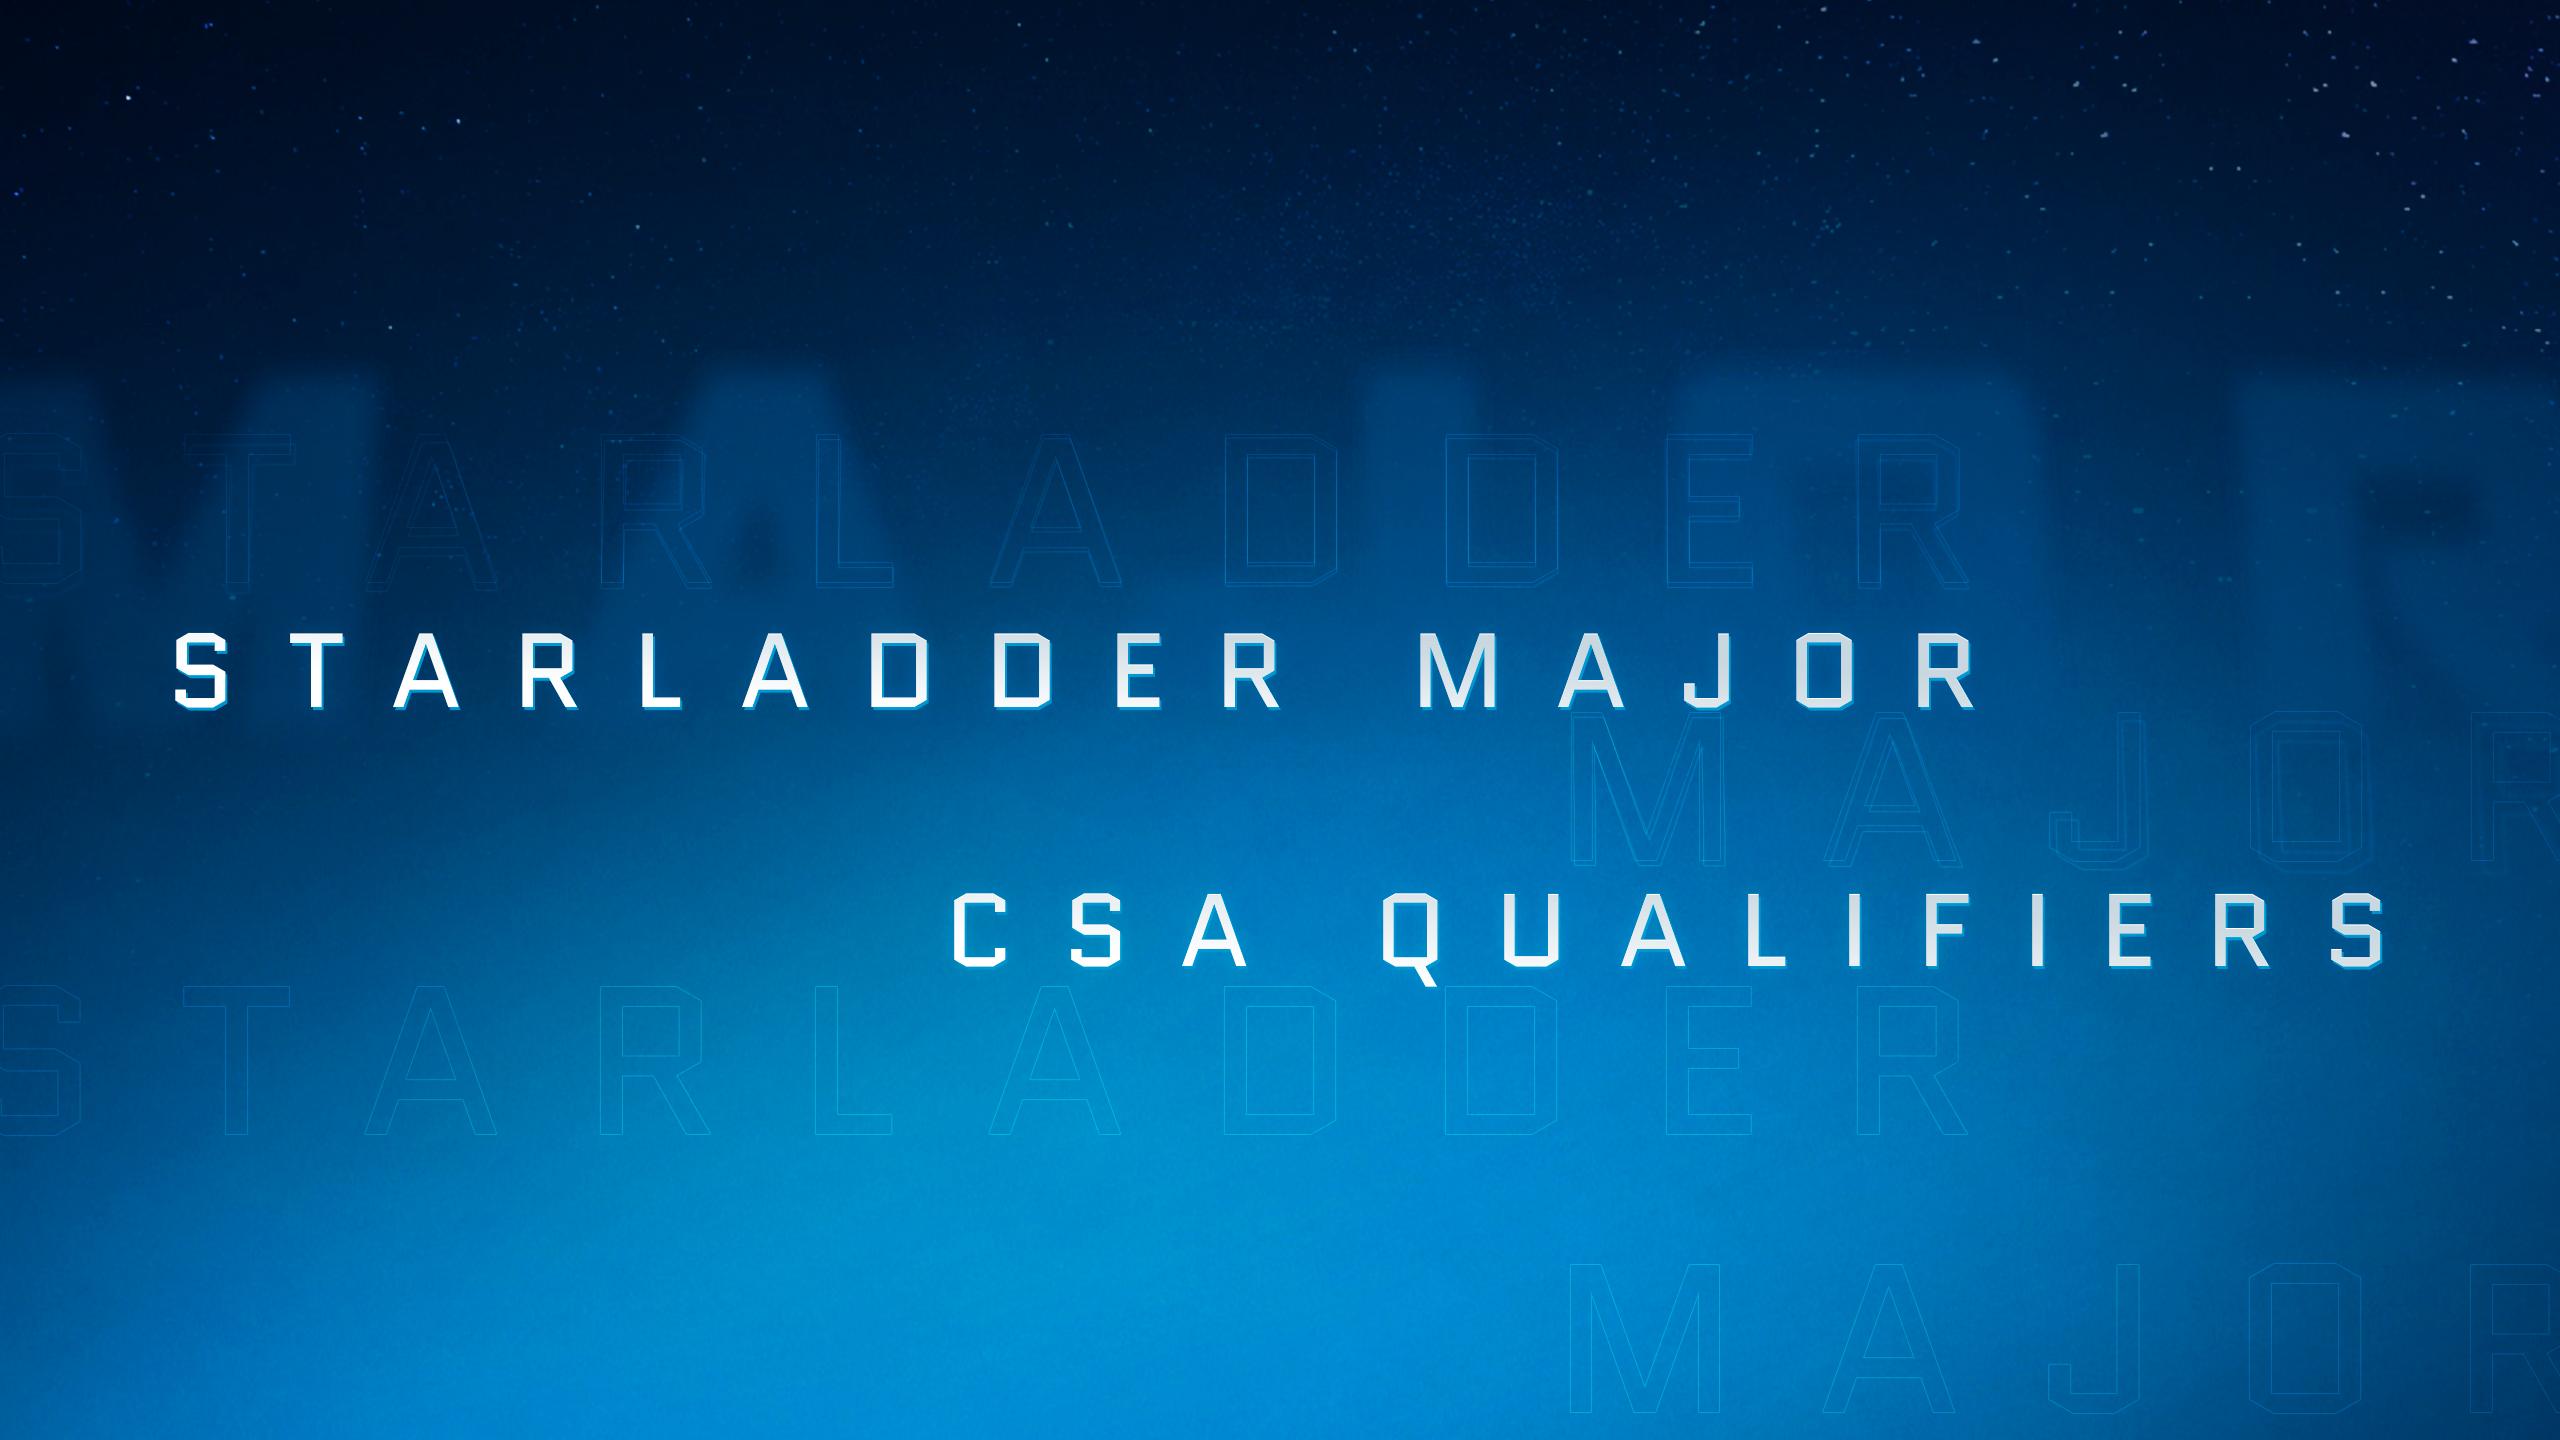 StarLadder Major: посев и расписание на закрытую квалификацию в регионе CSA